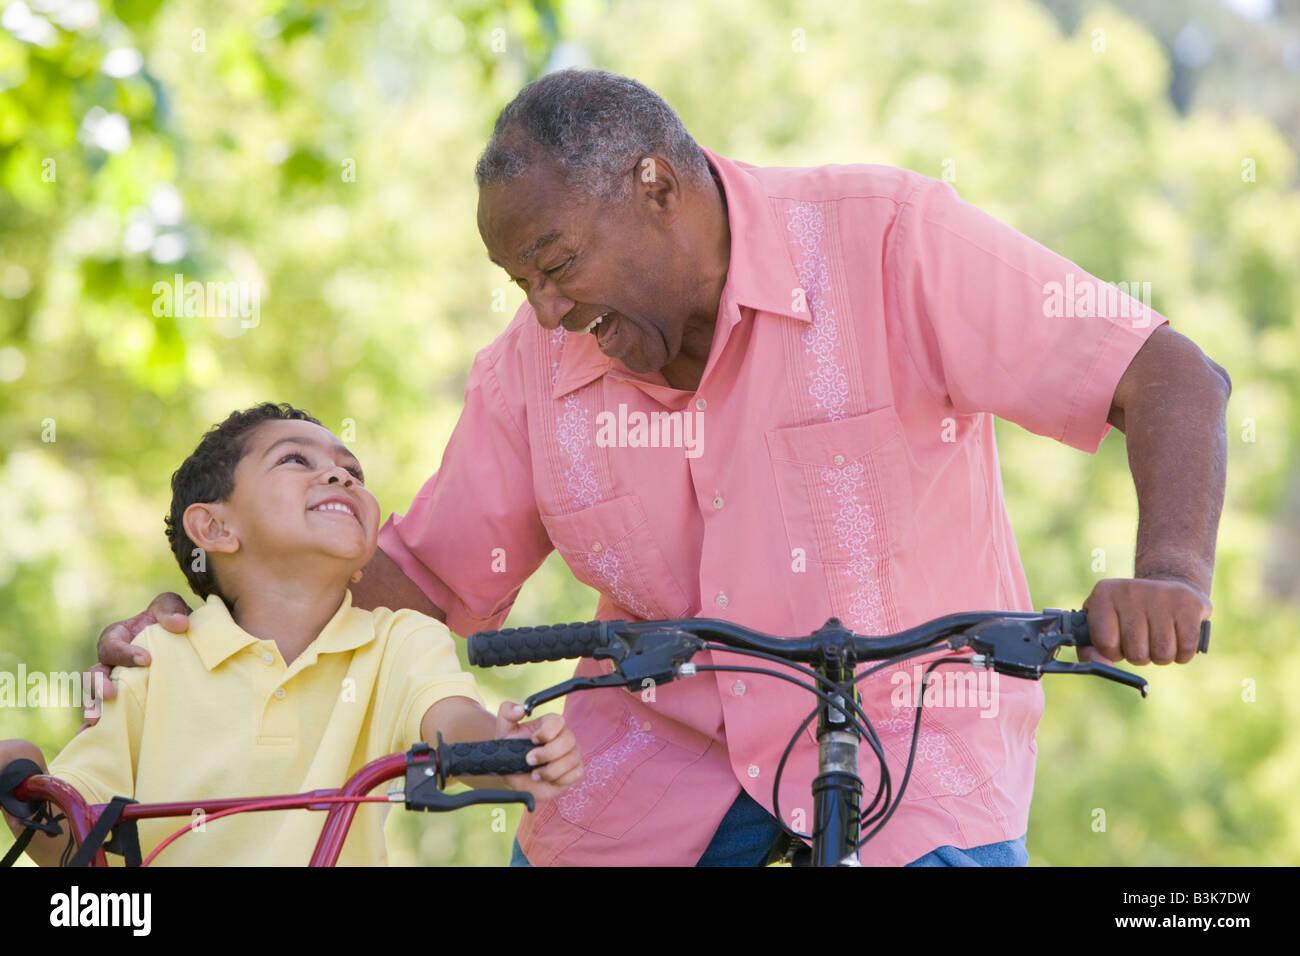 Nonno e nipote di biciclette all'aperto sorridente Immagini Stock